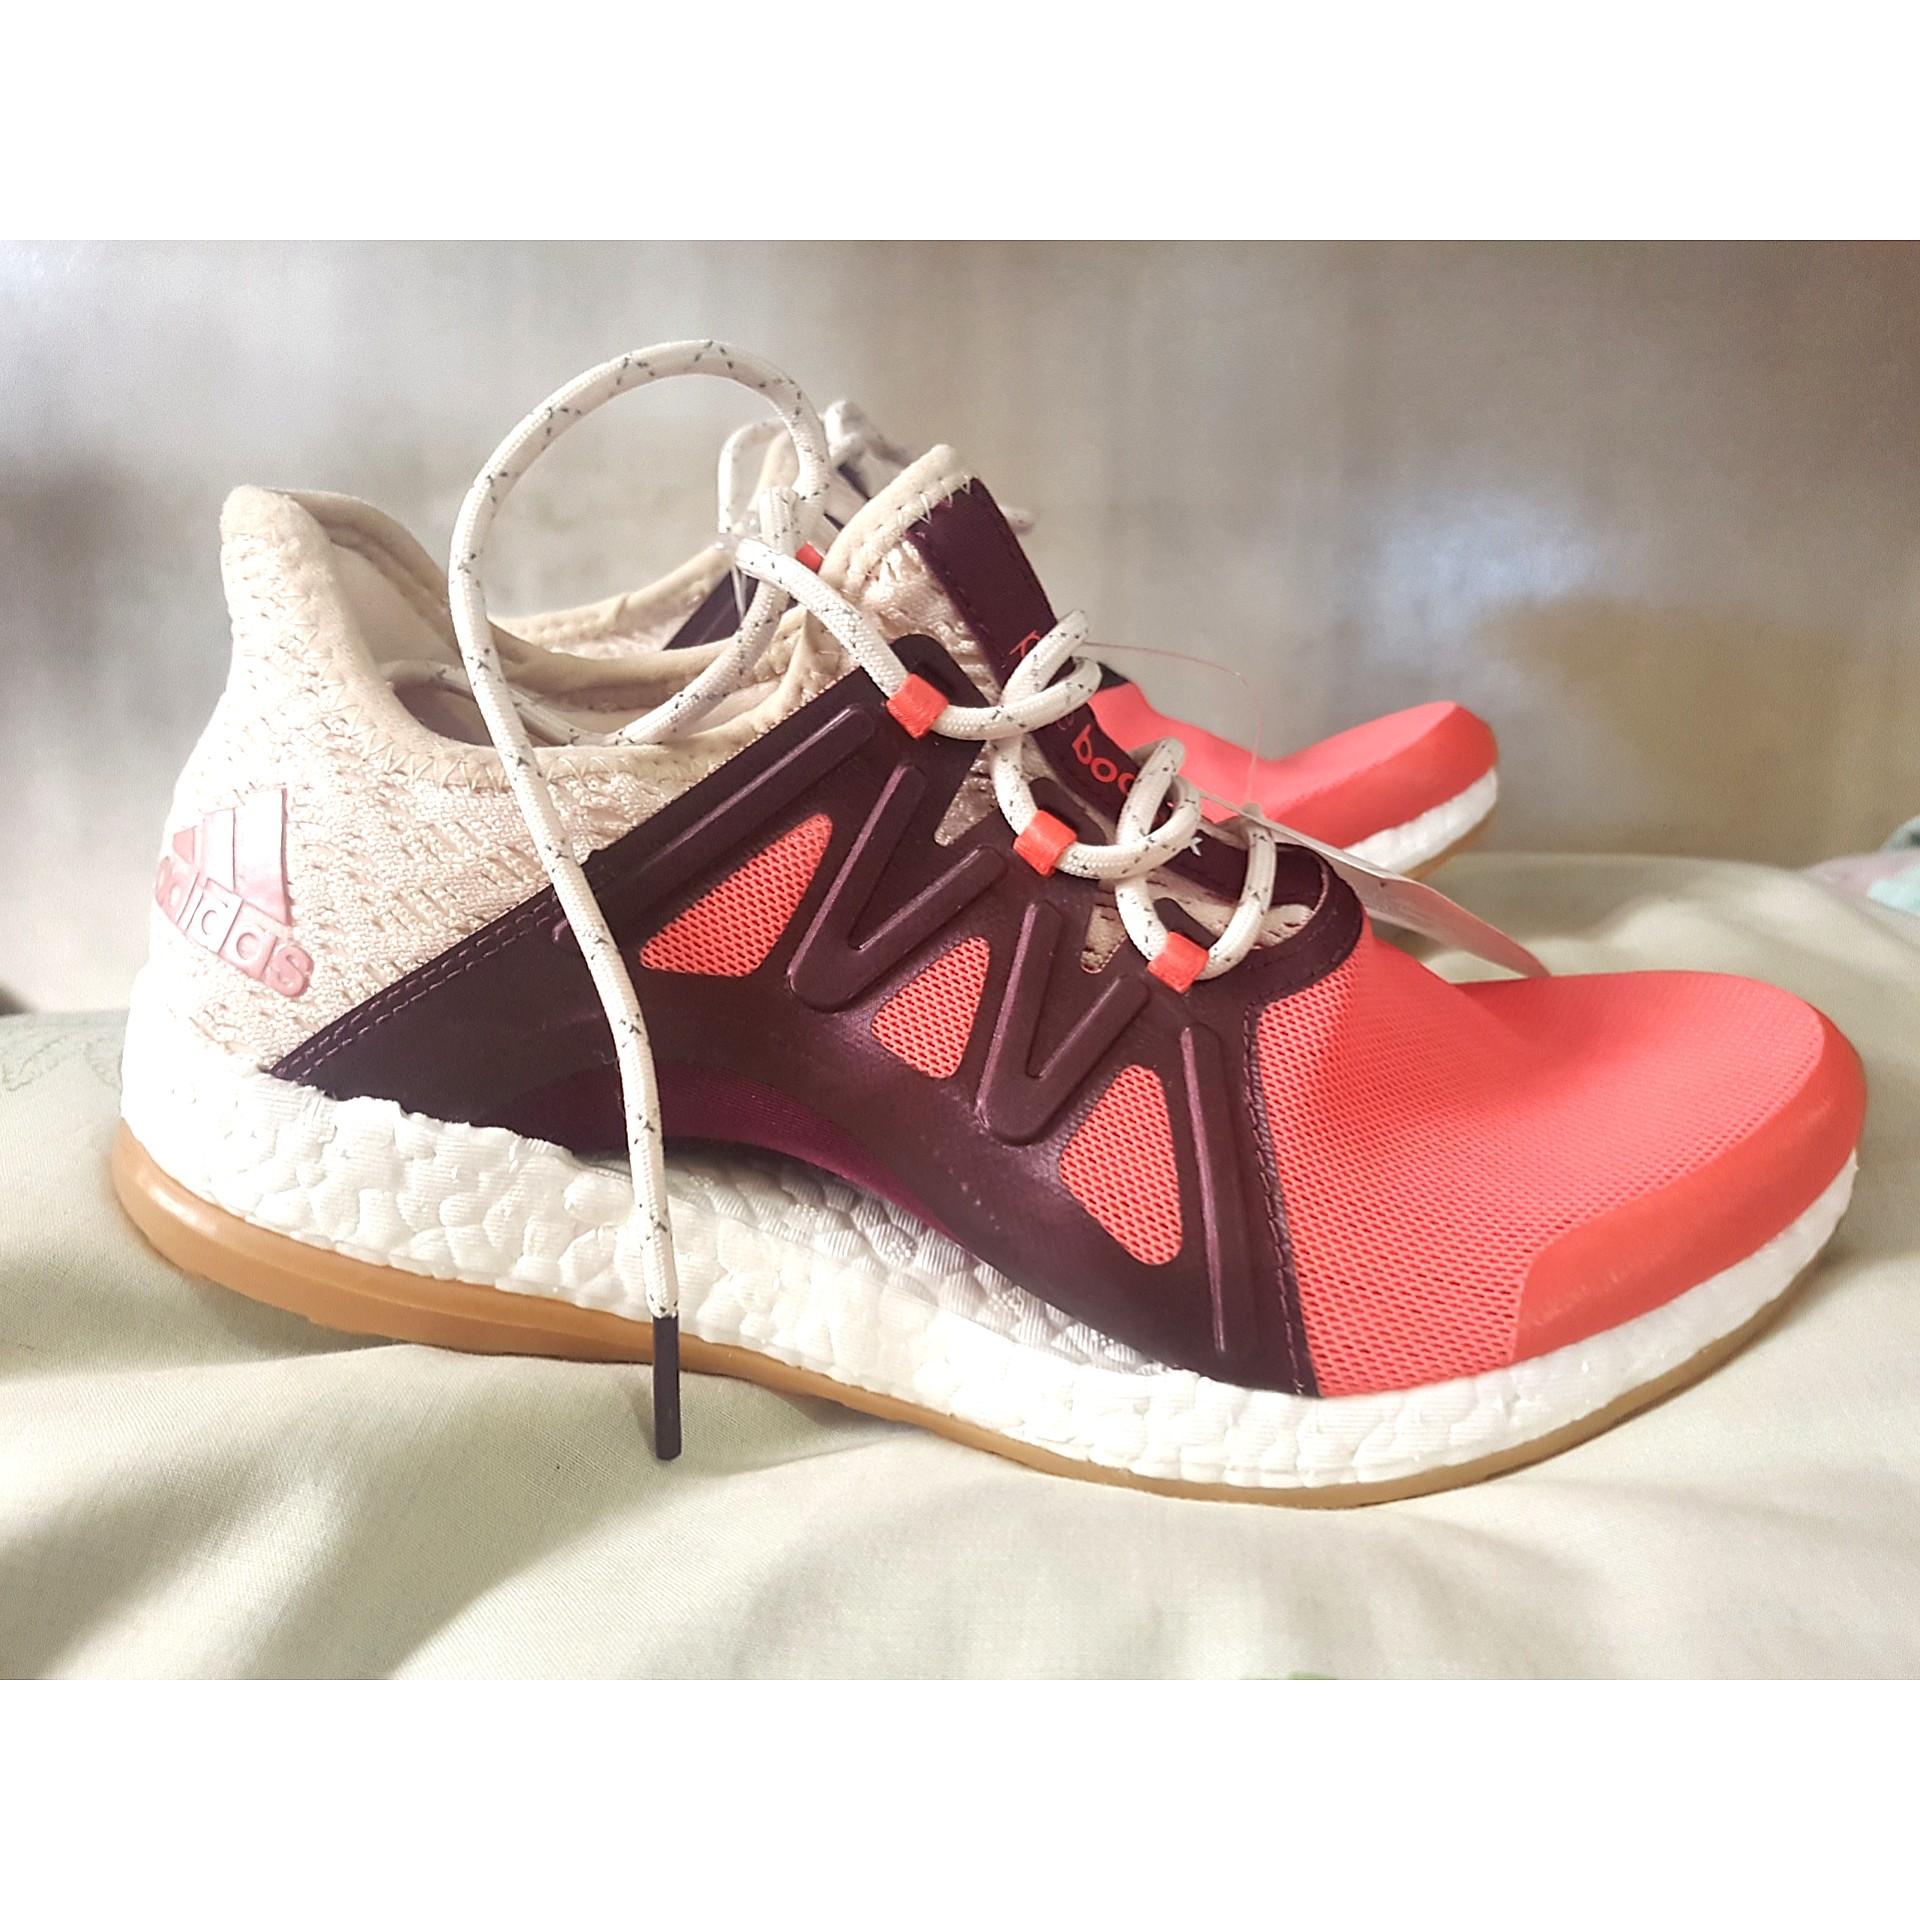 cf01c3b8ec19b0 BNWT Adidas Pureboost Xpose